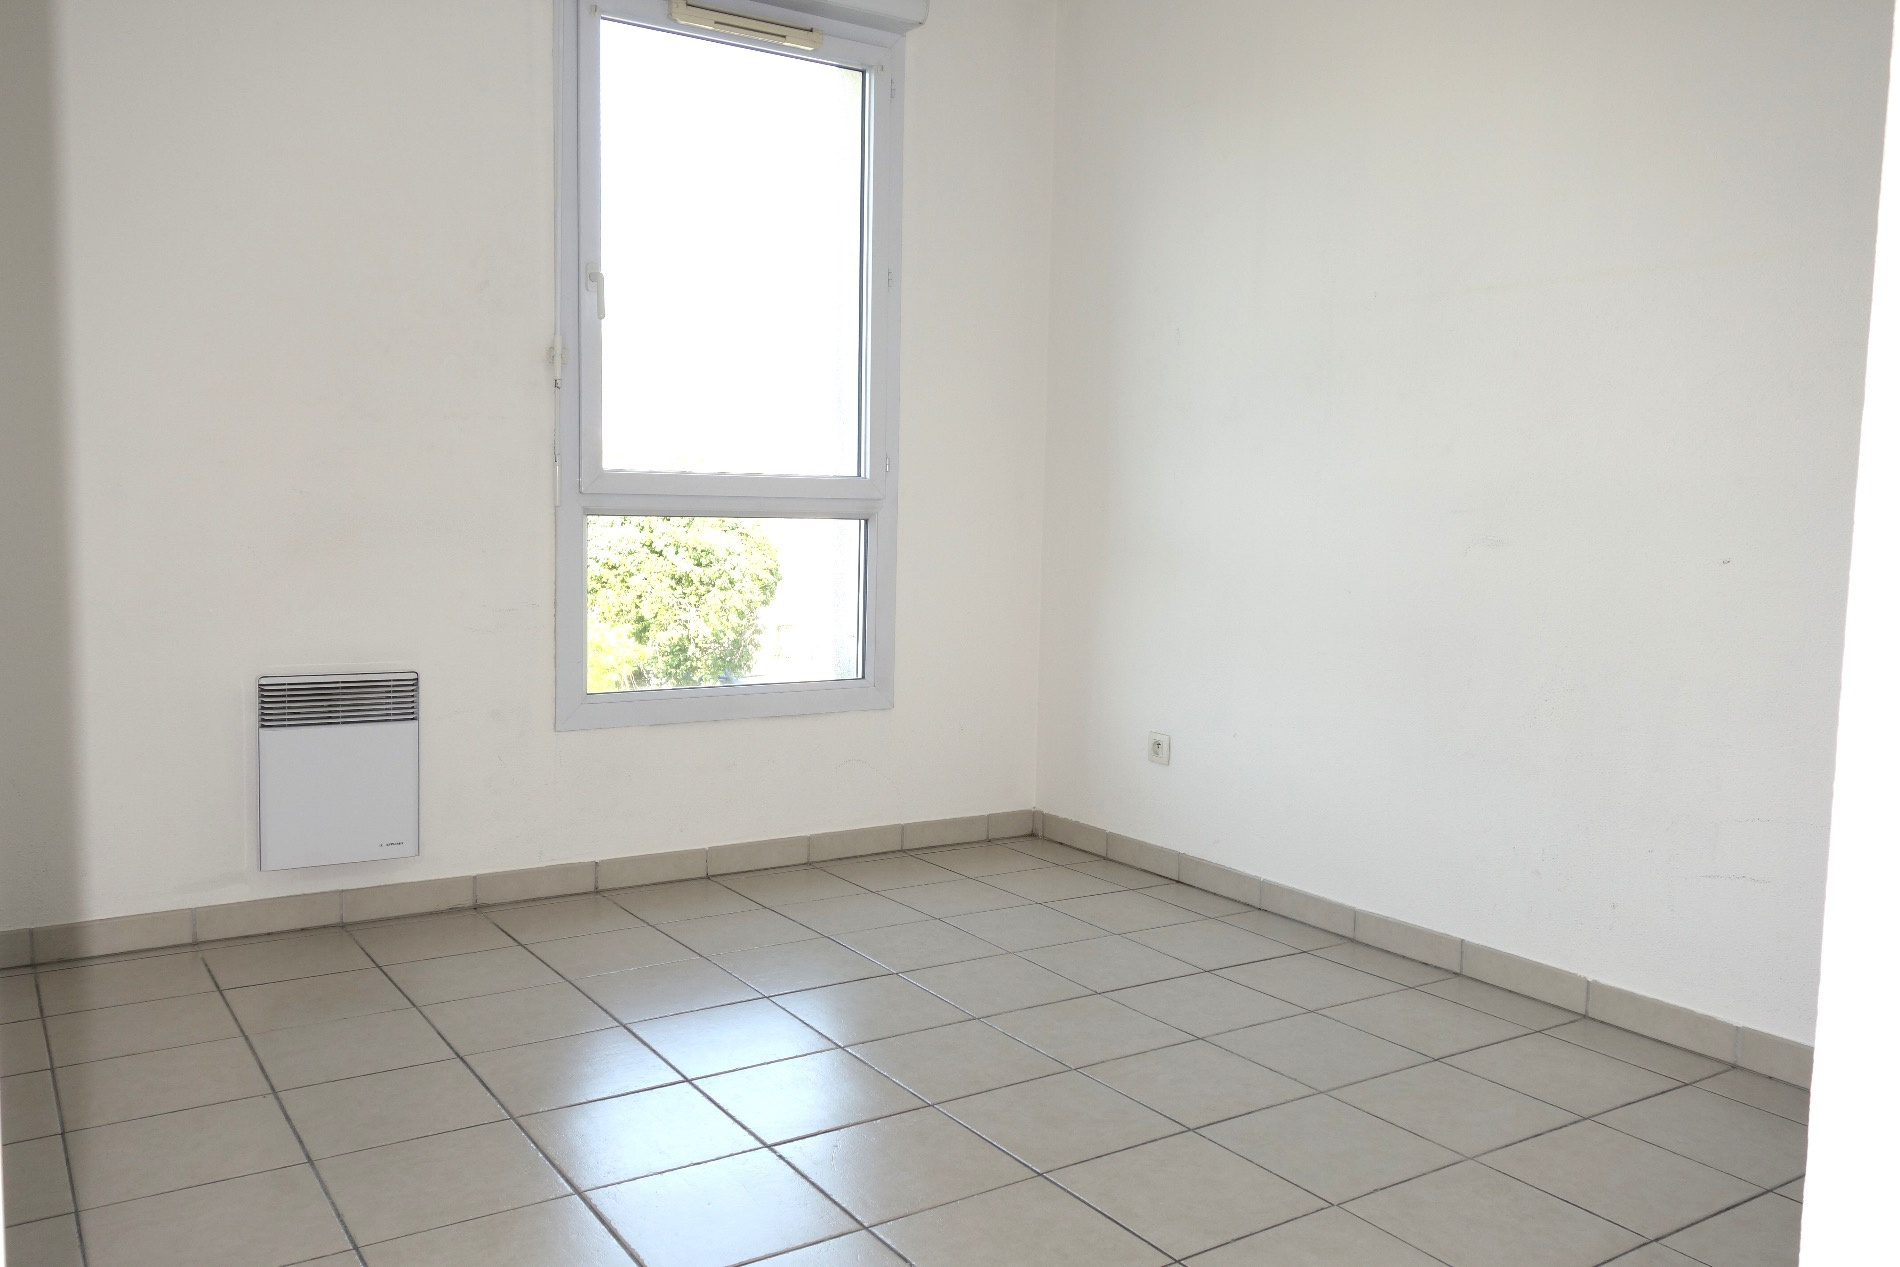 vente appartement de 3 pi ces avec terrasse. Black Bedroom Furniture Sets. Home Design Ideas